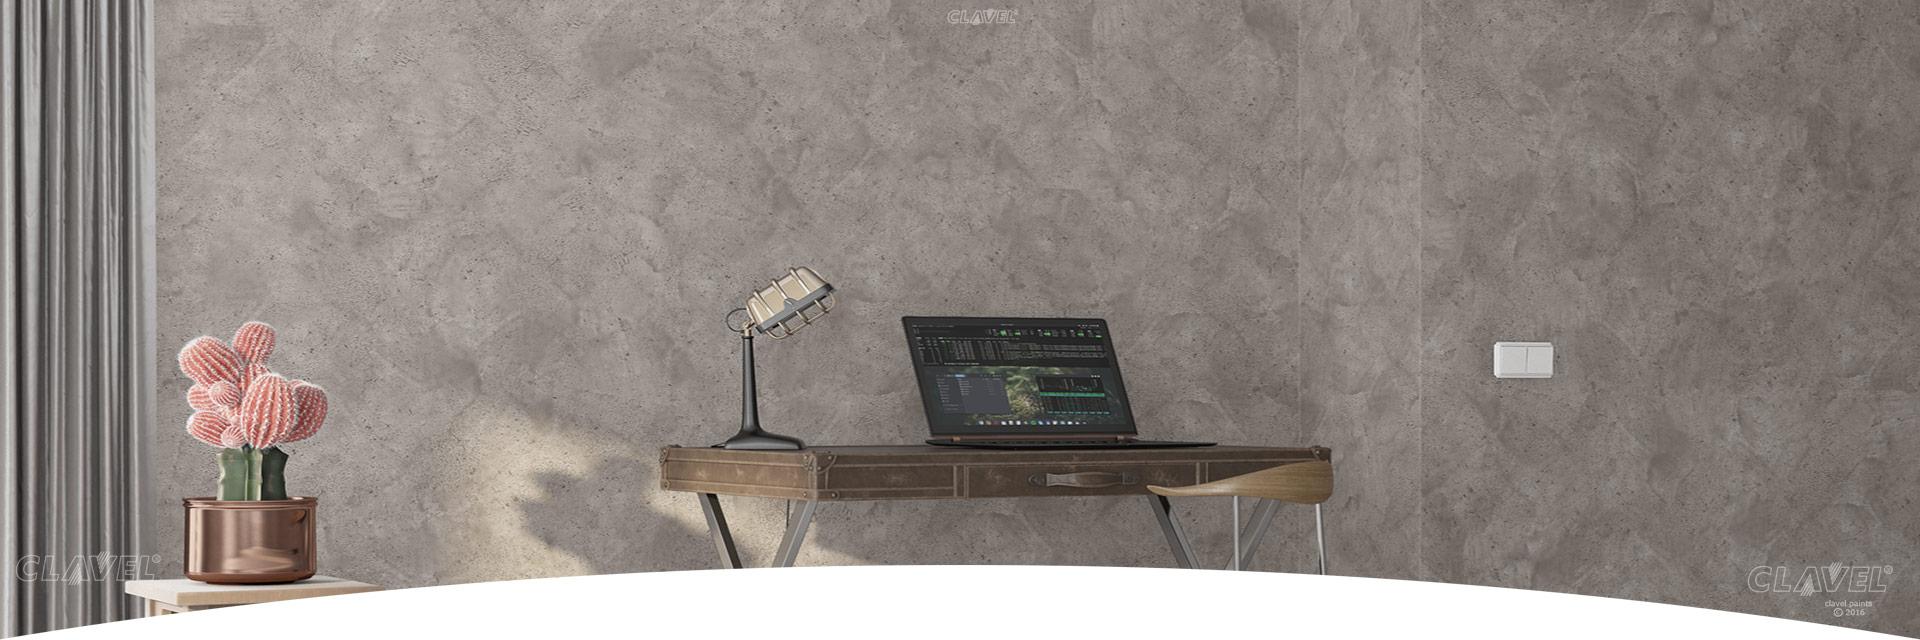 Структурные штукатурки с эффектом бетона - каталог эффектов